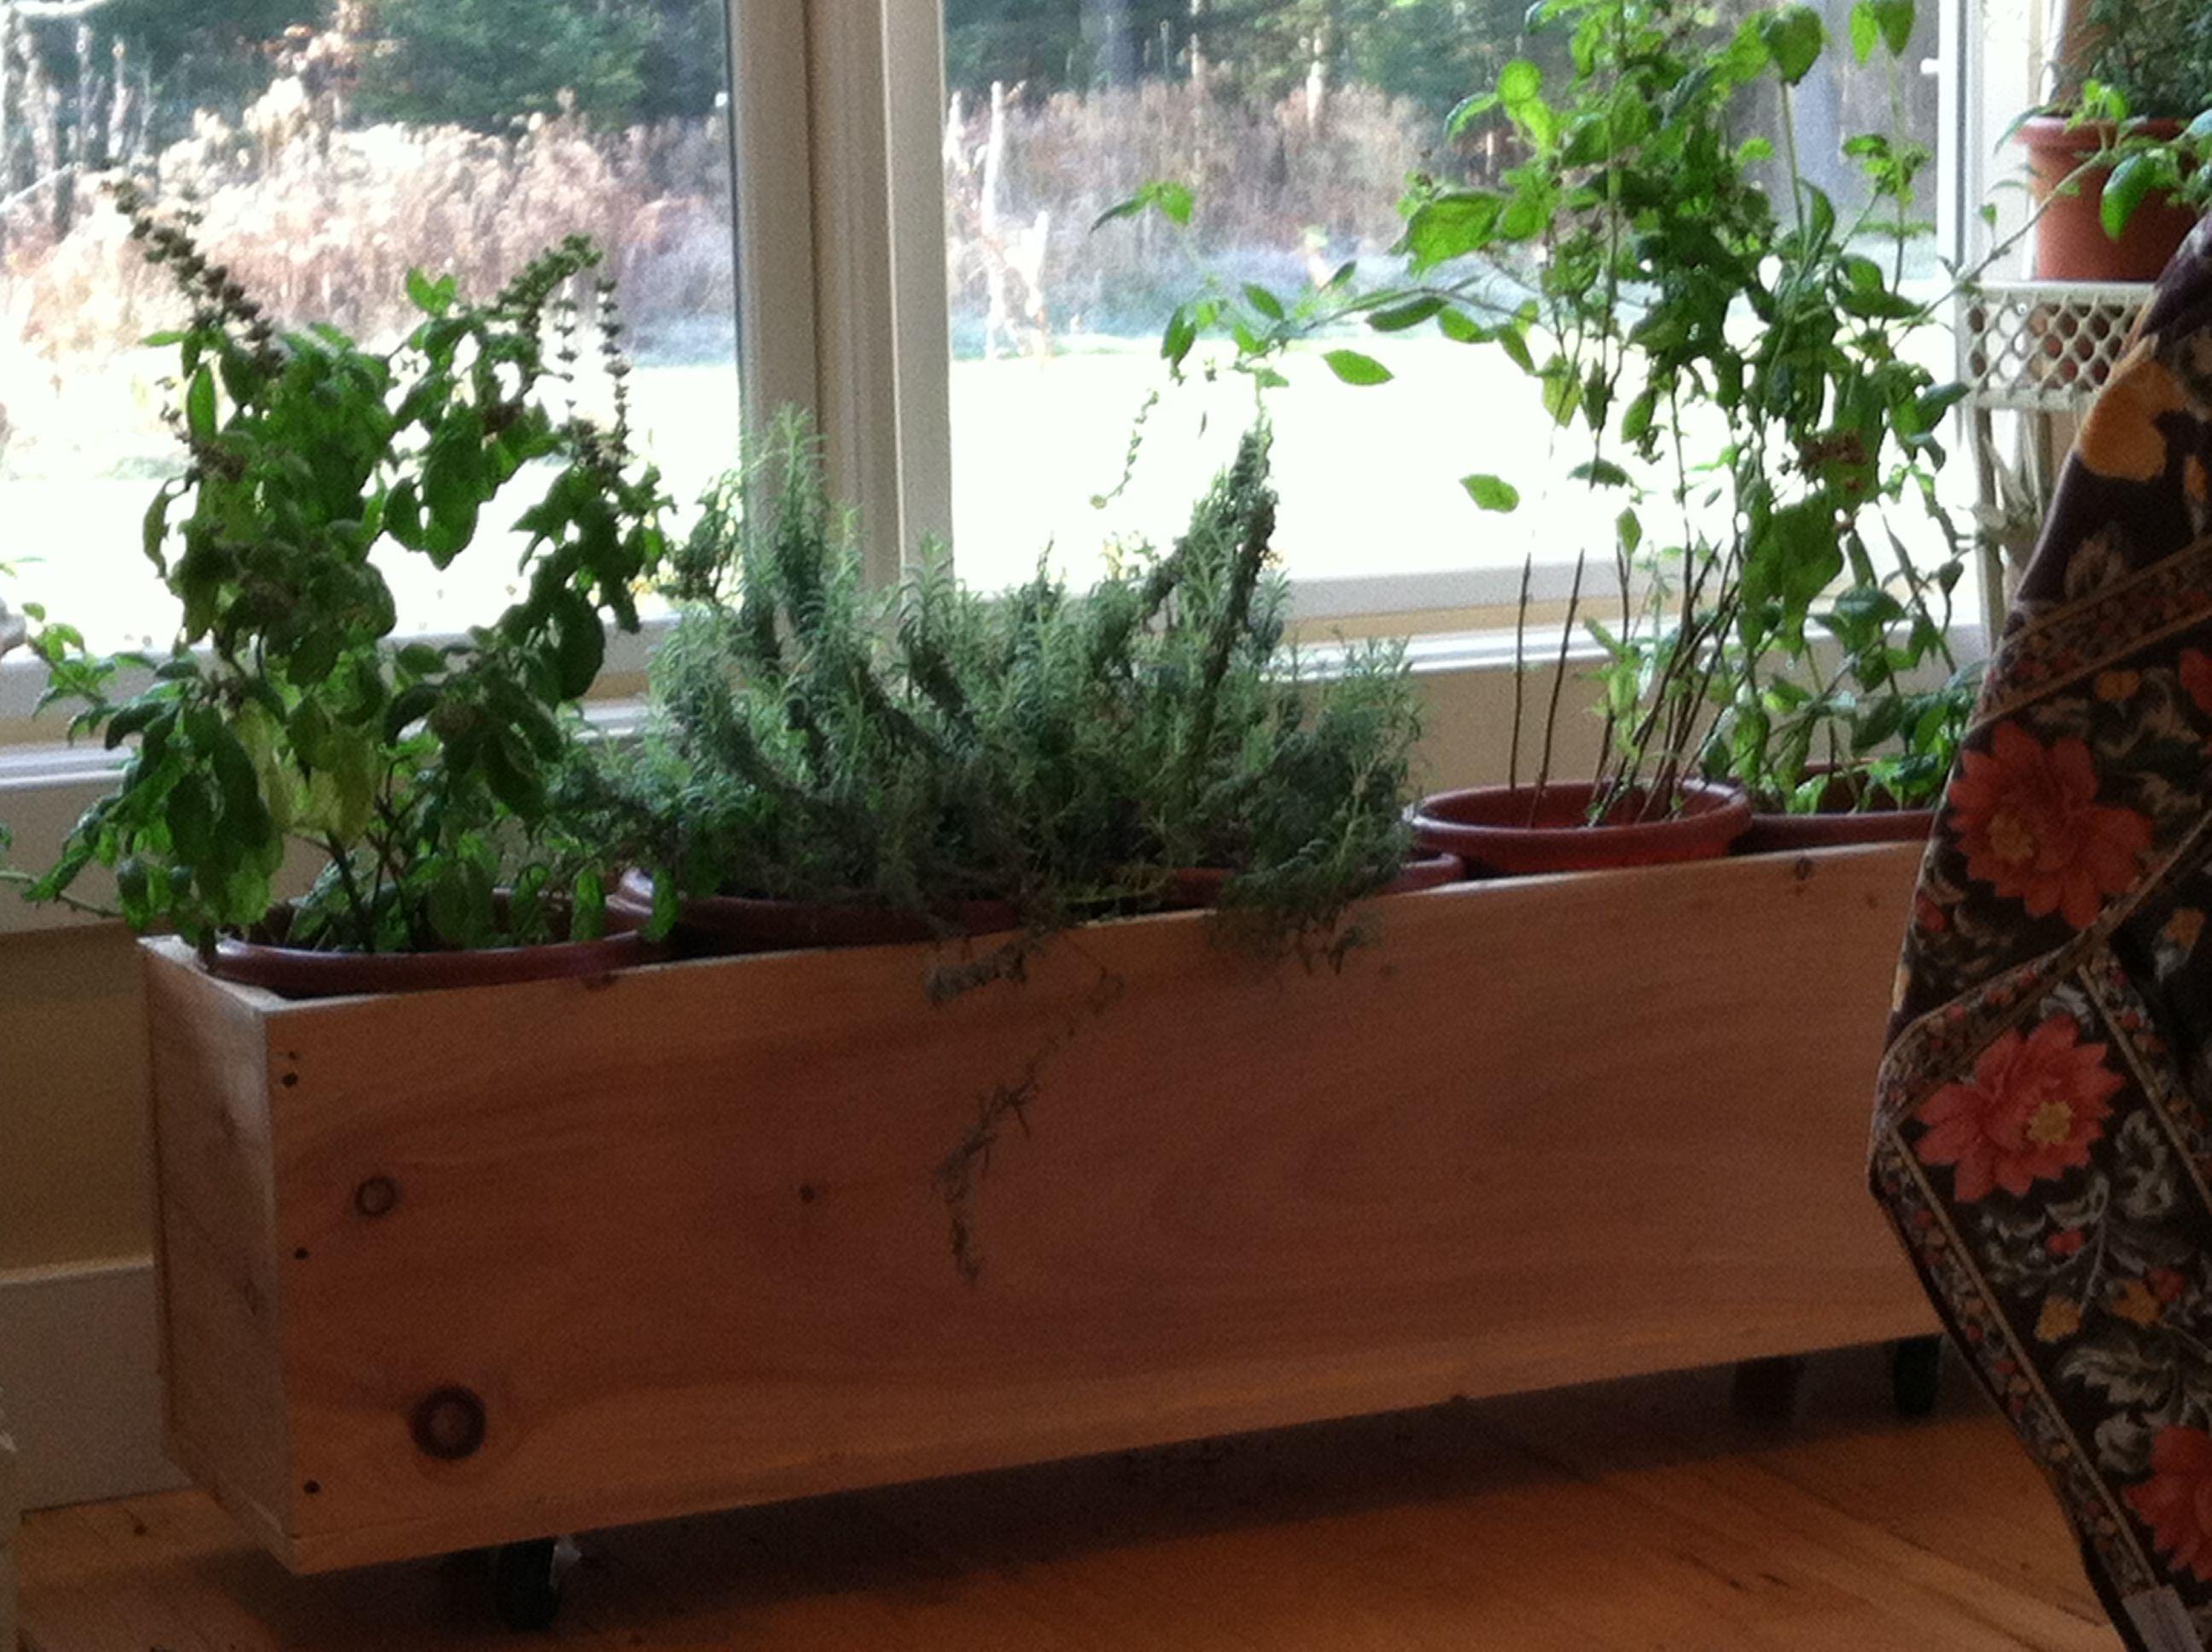 Portable Indoor Herb Garden Indoor Herb Garden Herbs 640 x 480